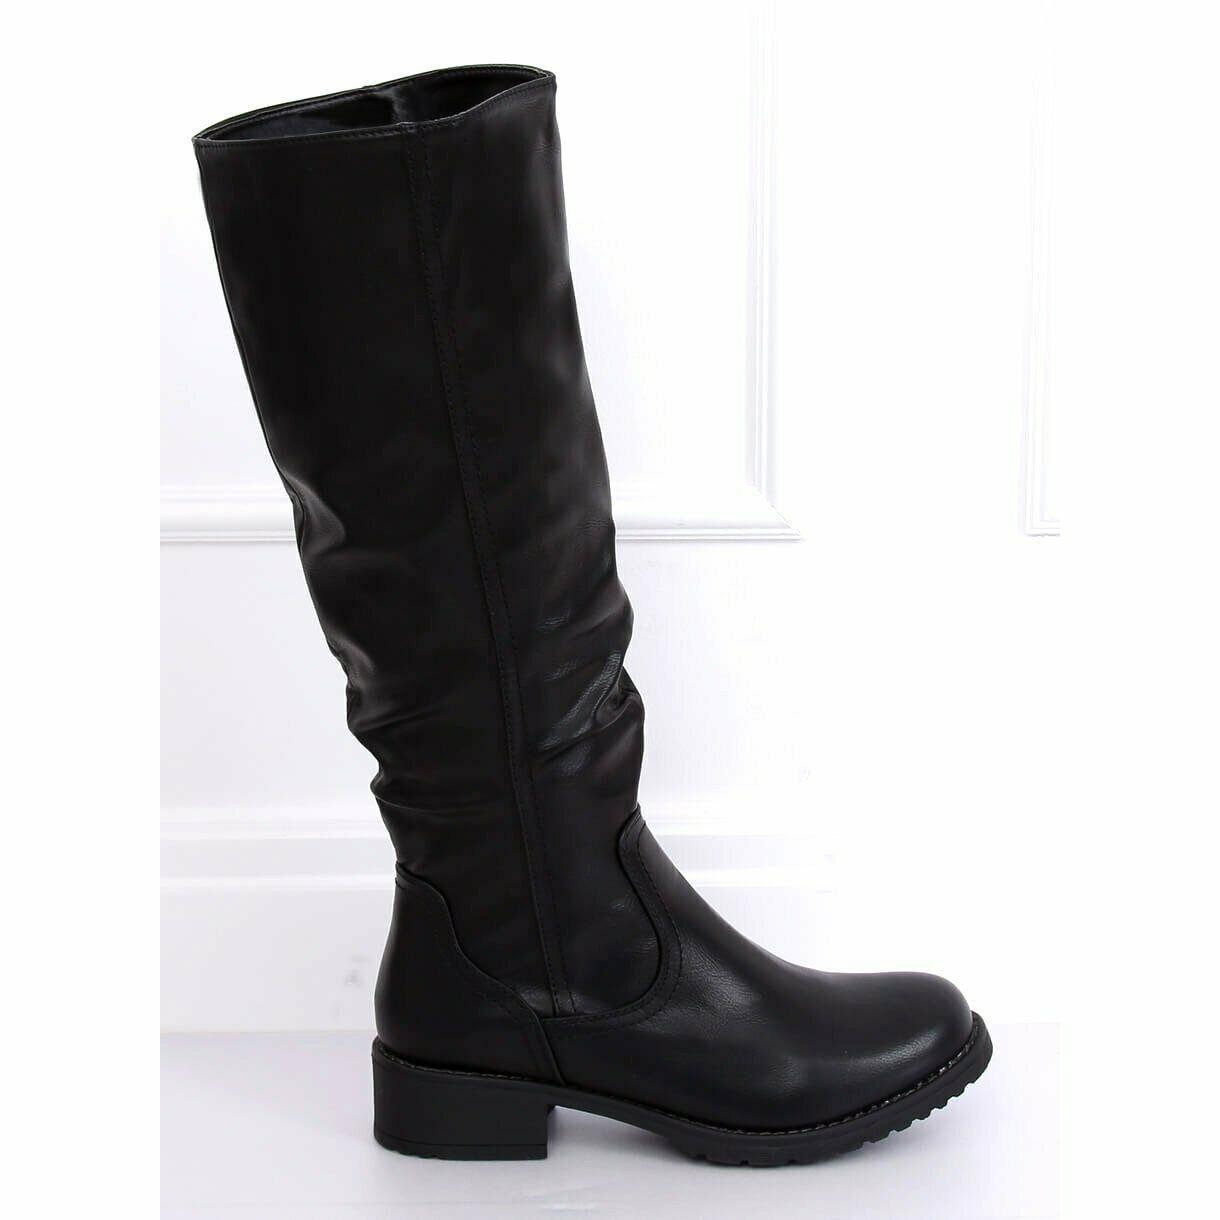 botas planas negras para dama